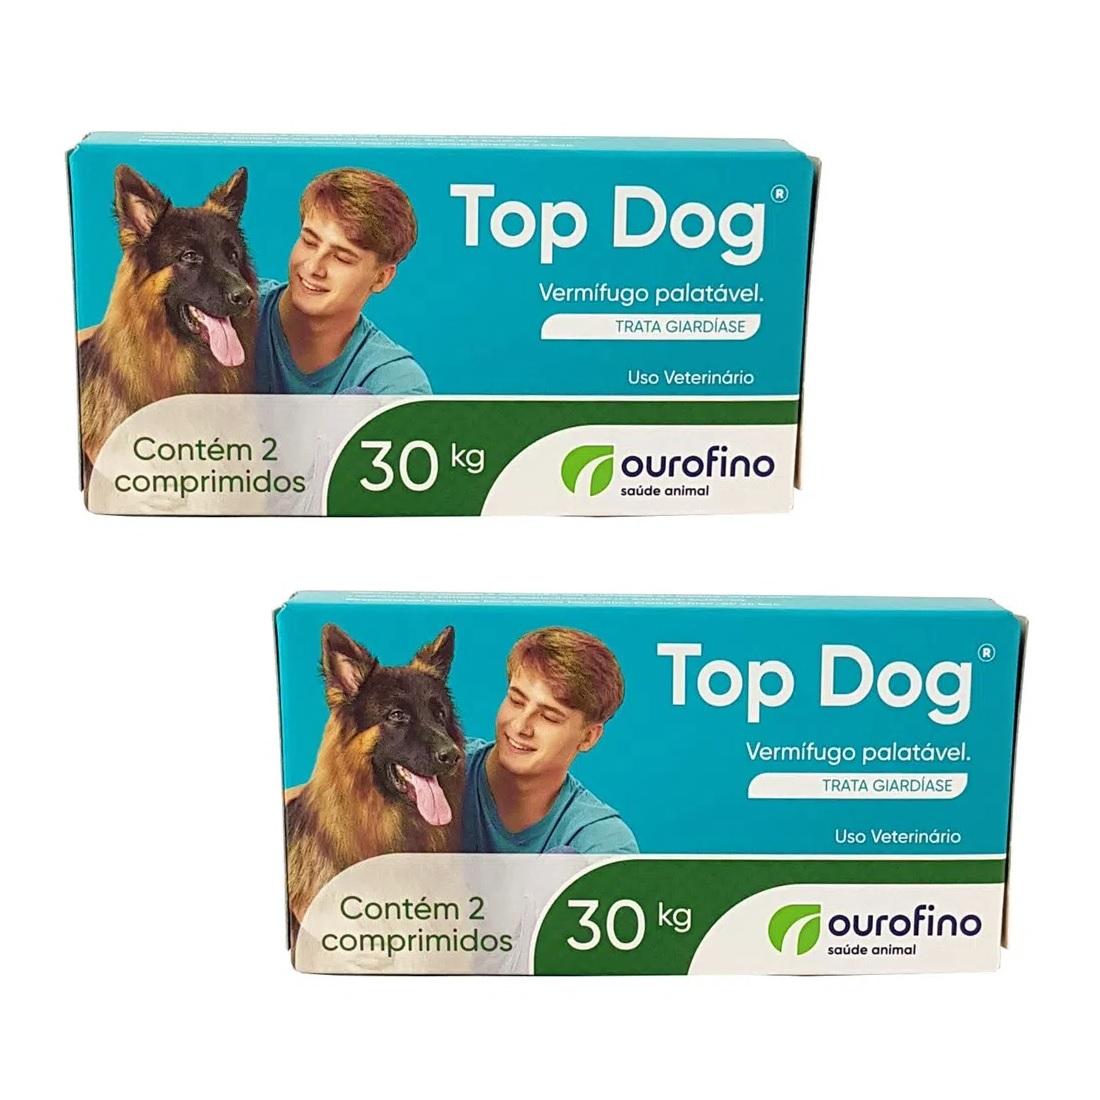 Kit 2 Unidades Vermifugo para Cães Top Dog 30kg (2 comprimidos) - Ourofino